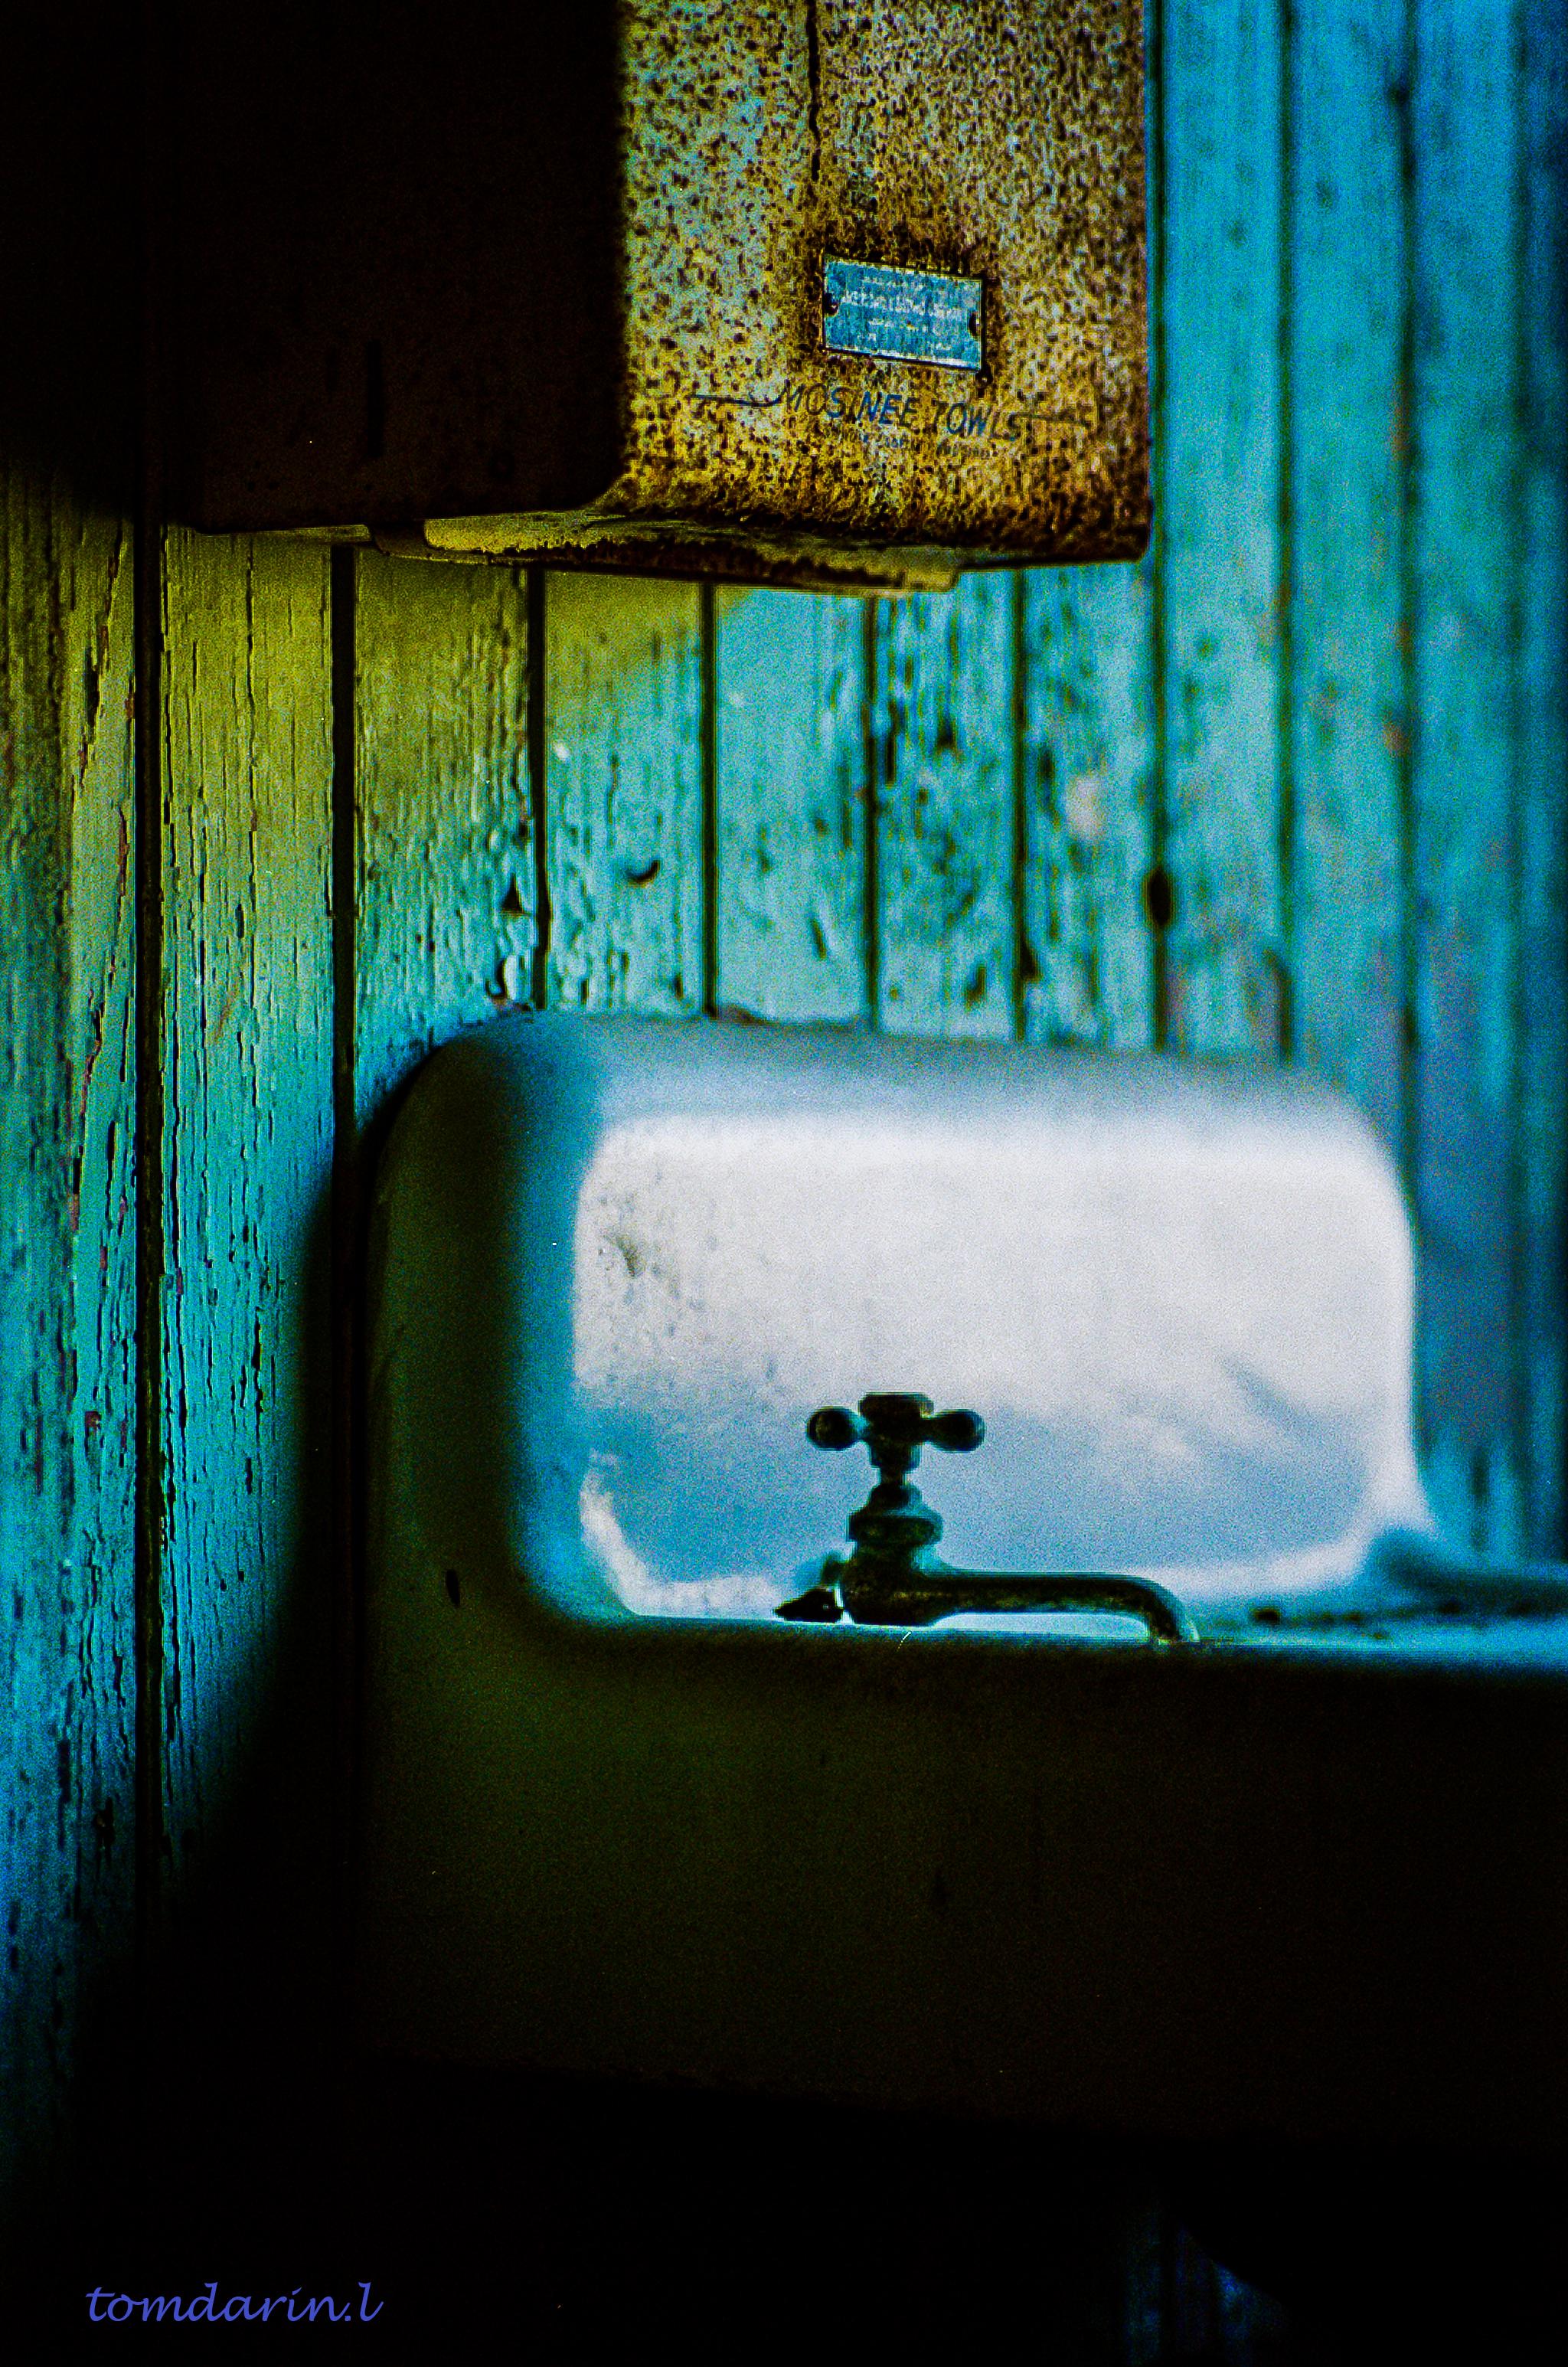 Bathroom in an abandoned church, Houston, Texas